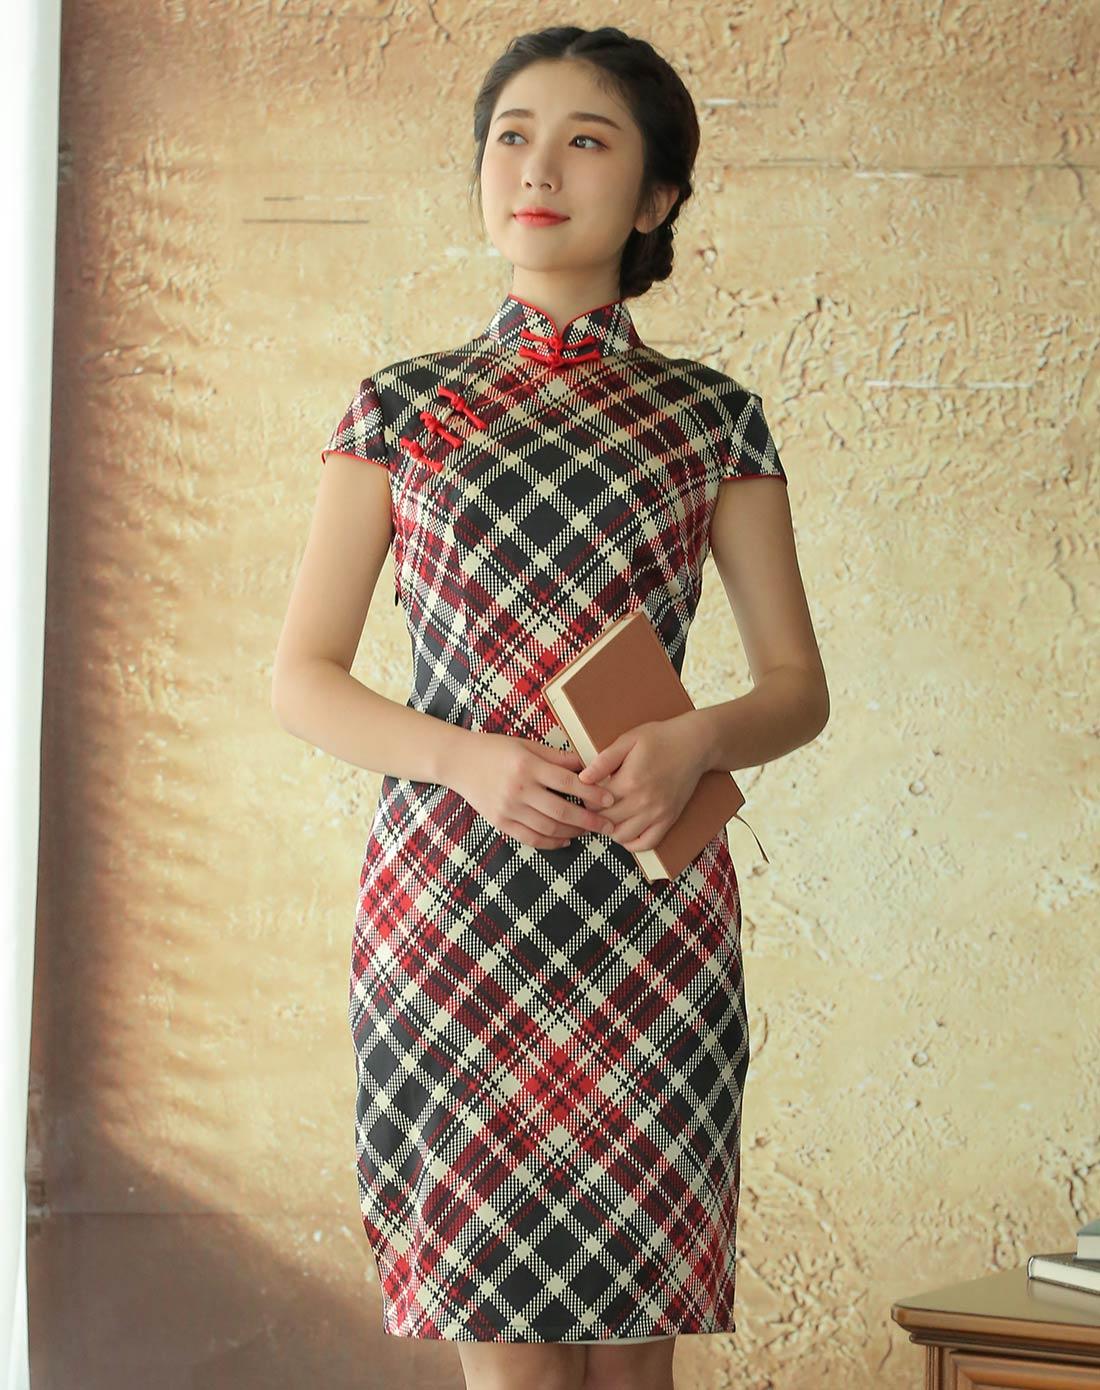 曼青 旗袍裙